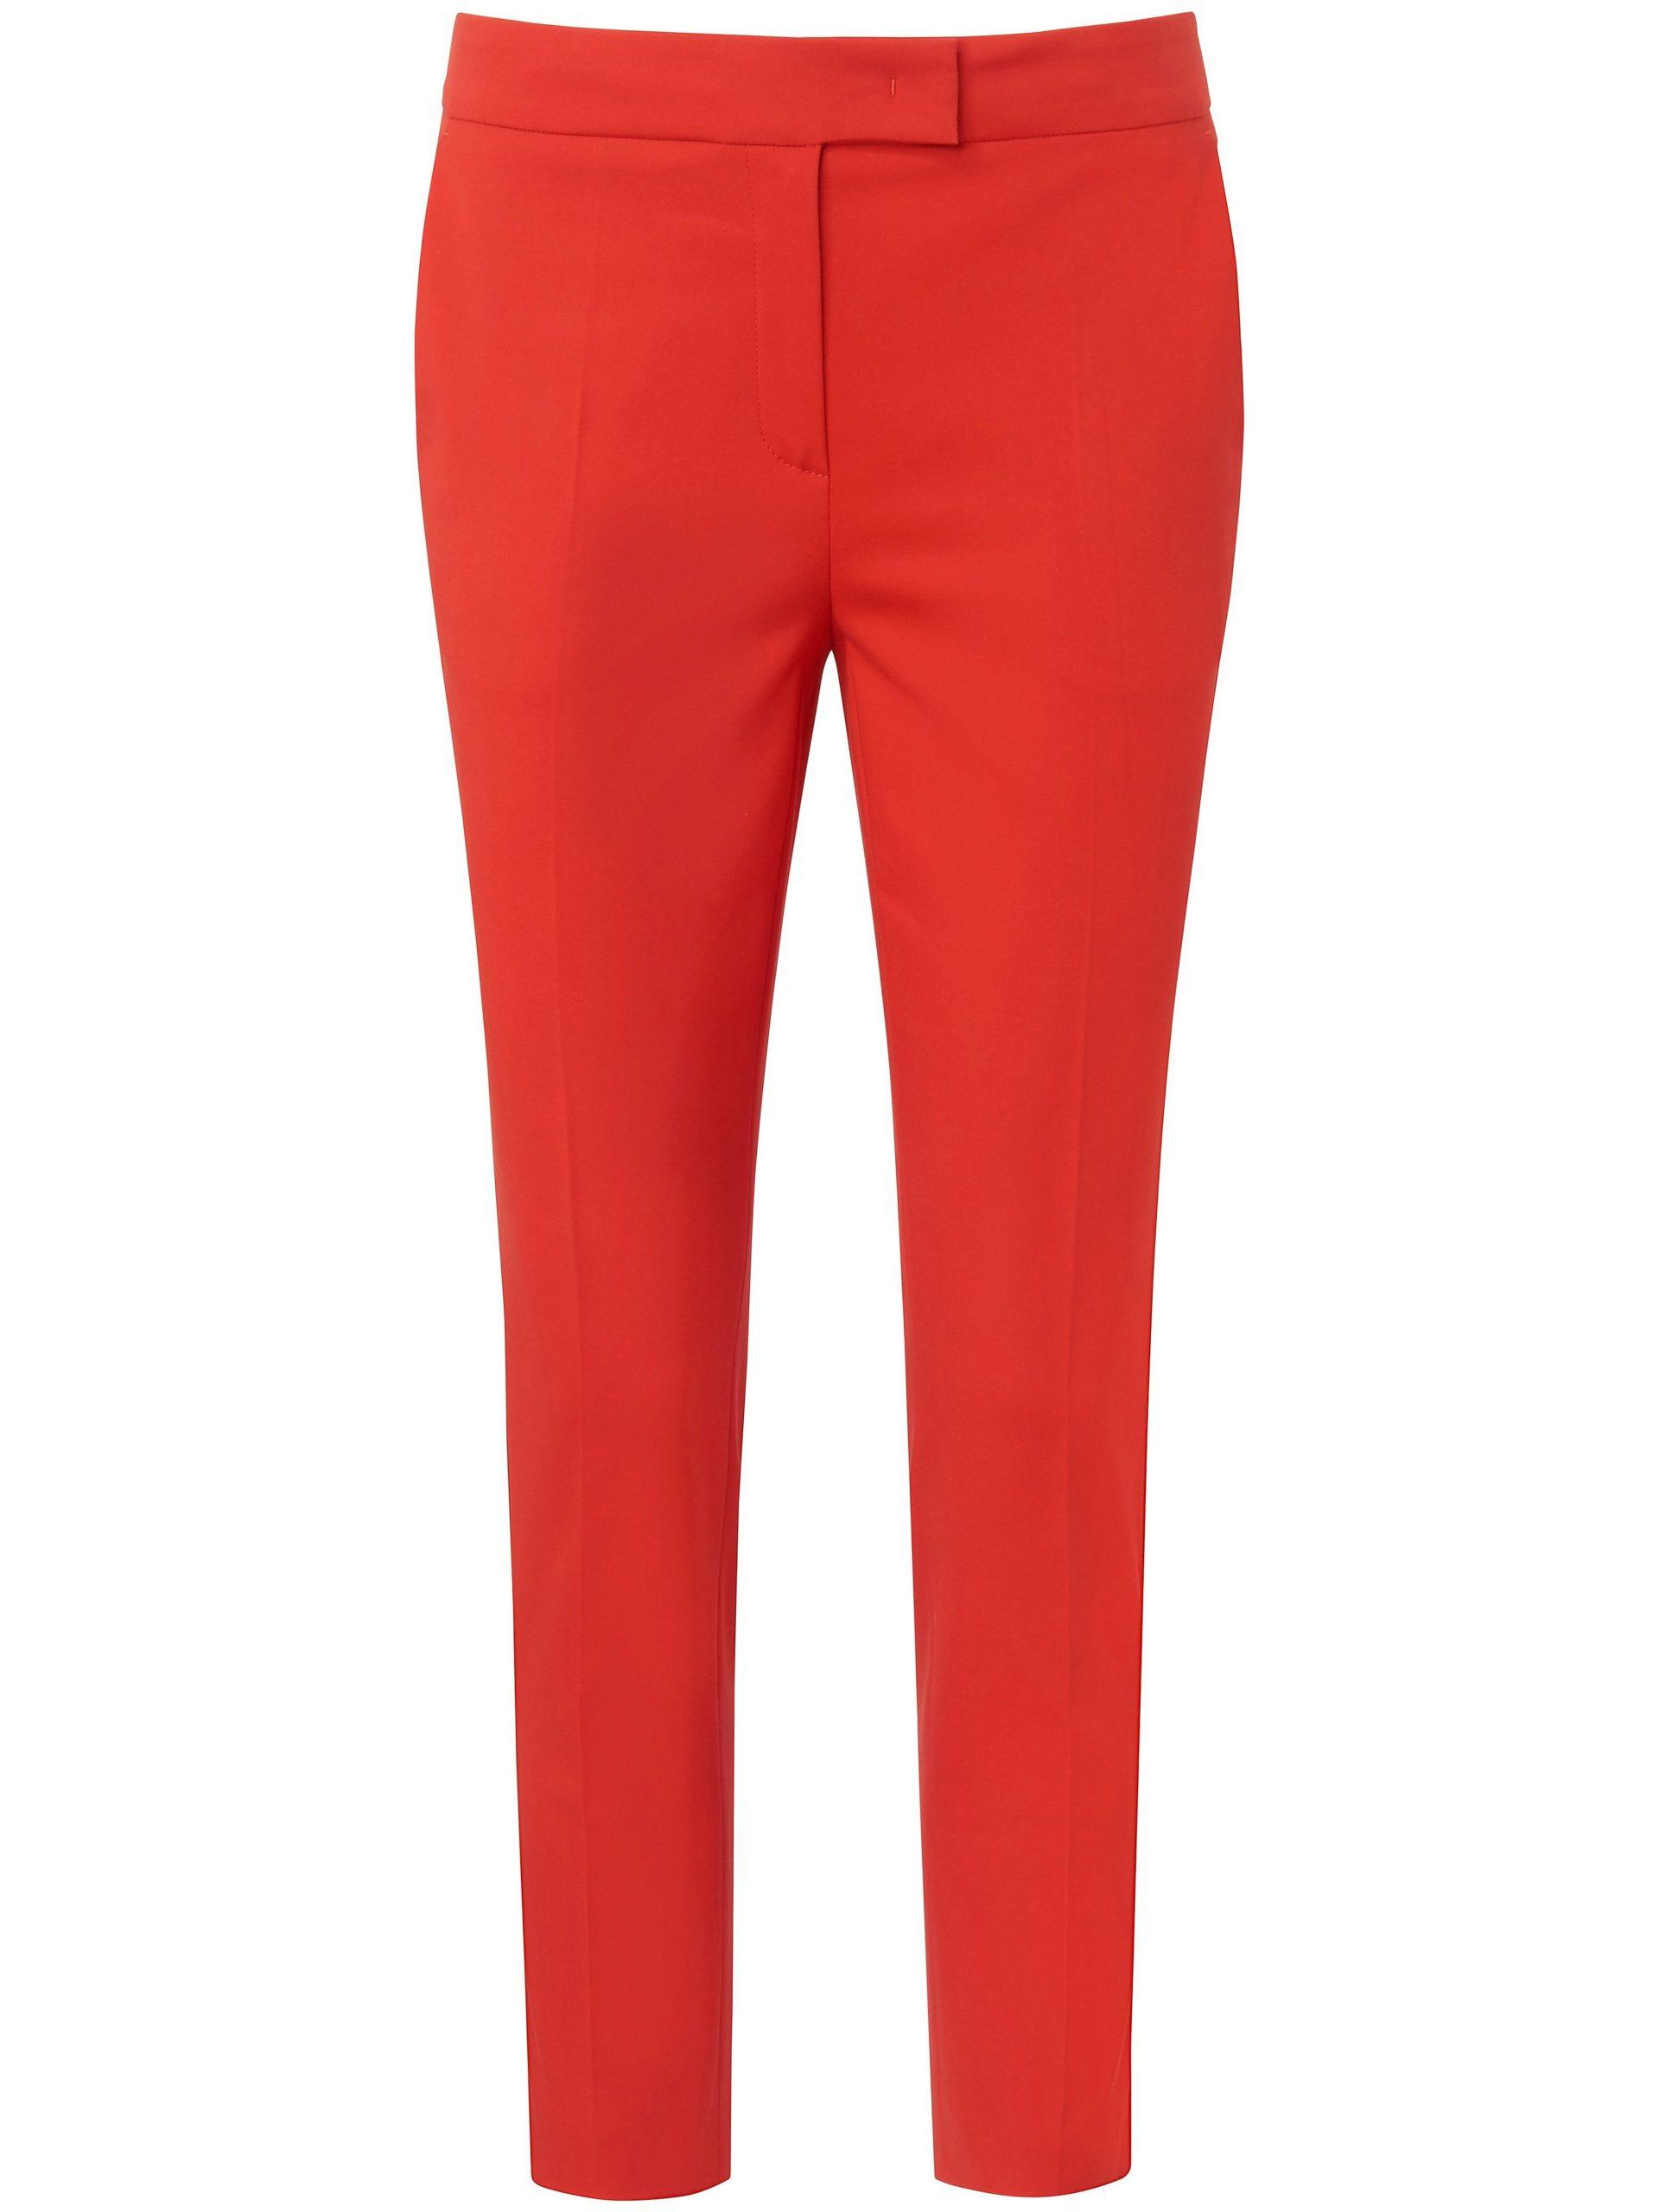 7/8-broek in zachte kwaliteit met stretcheffect Van Laura Biagiotti Roma rood Kopen